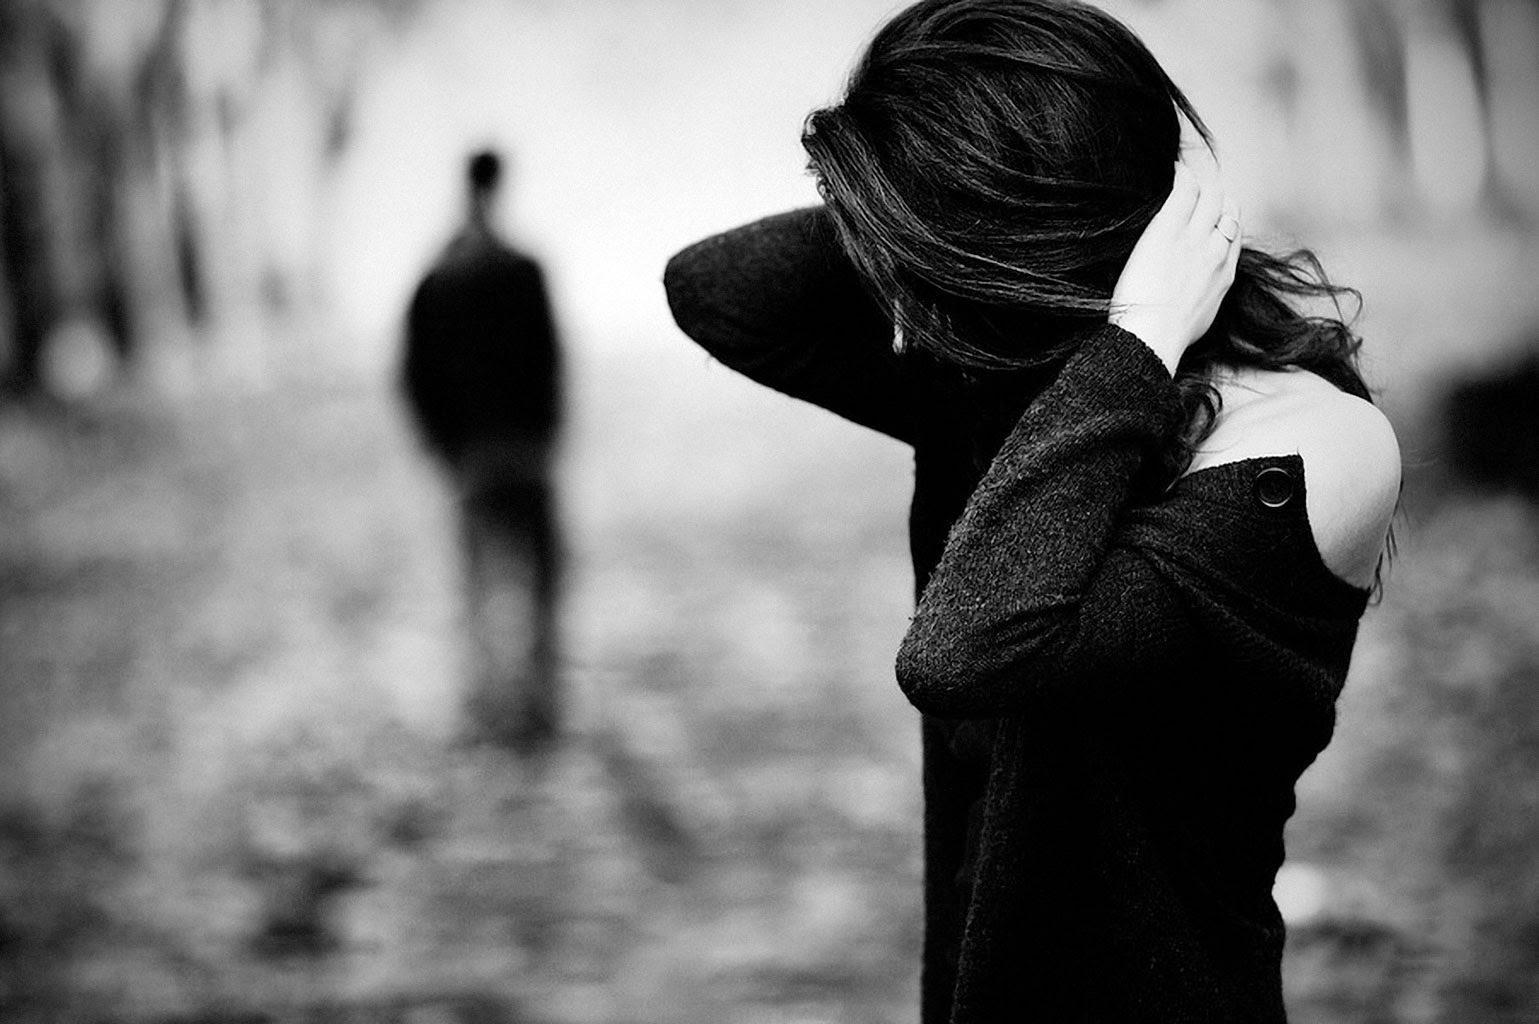 Résoudre des problèmes sentimentaux